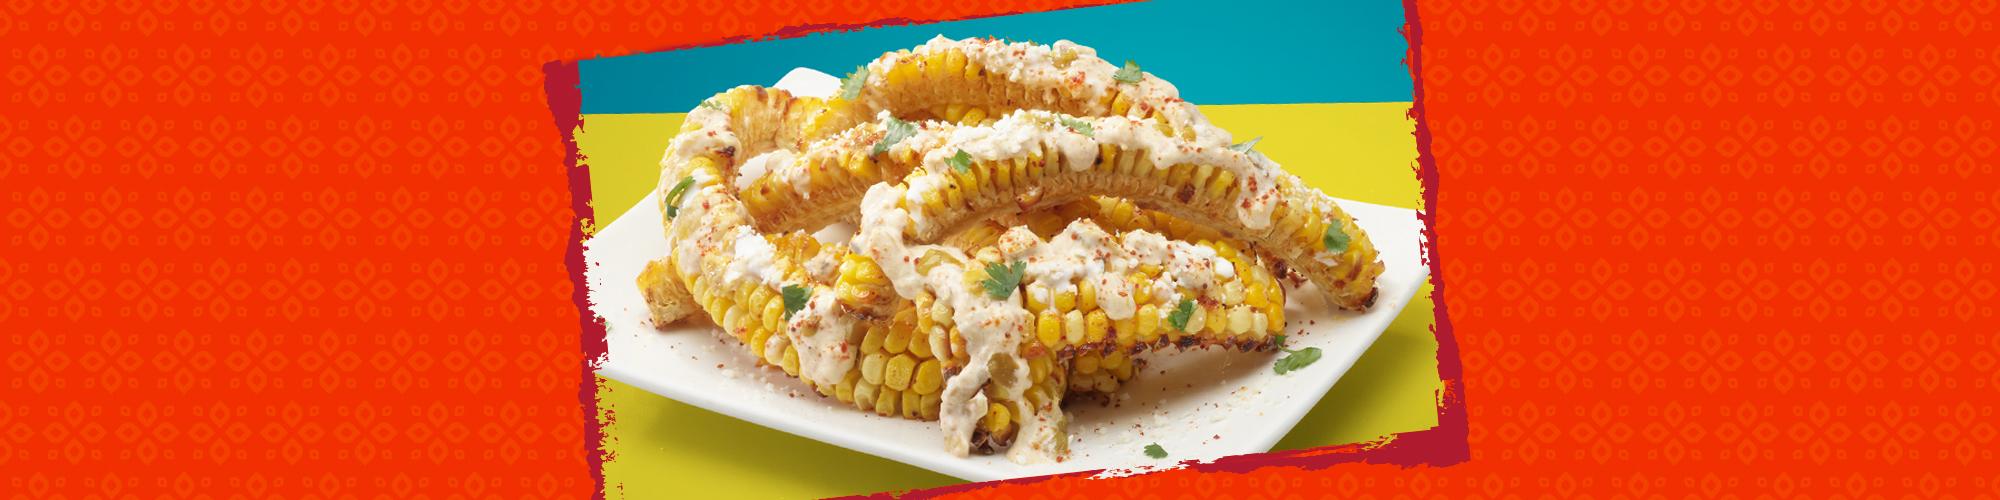 Salsas air fried corn ribs